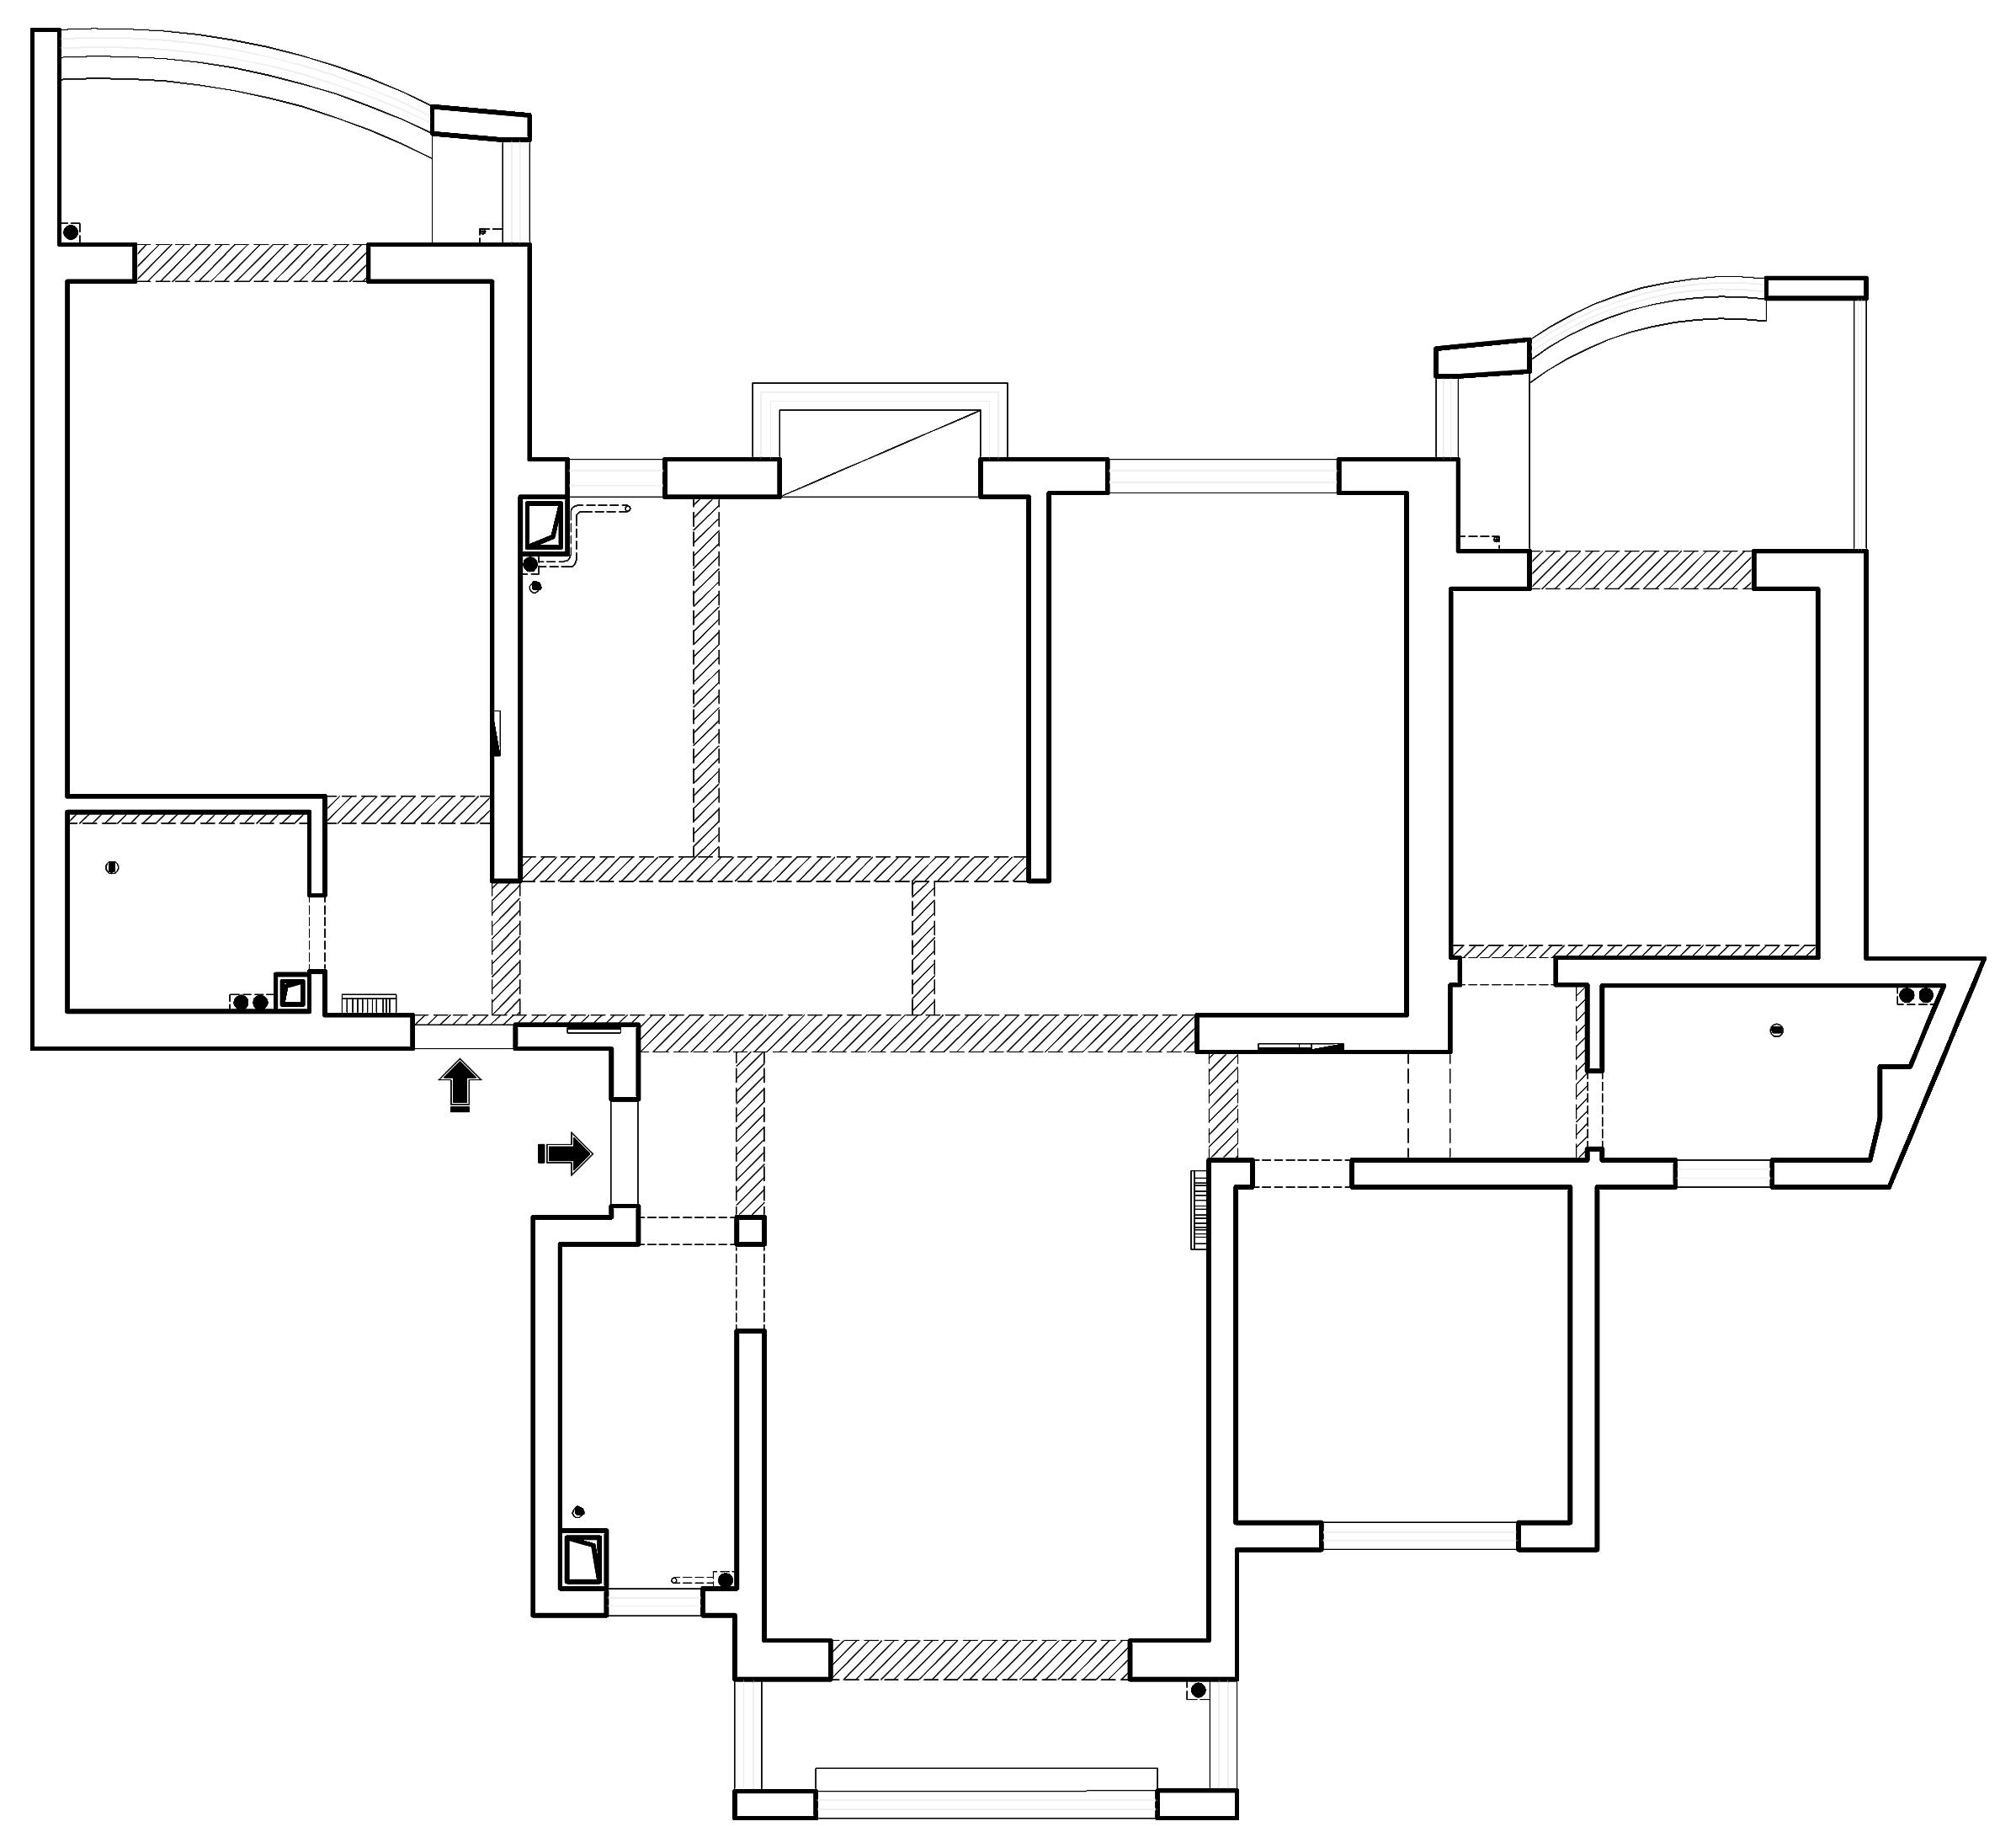 绿地世纪城新中式170平米装修效果图装修设计理念